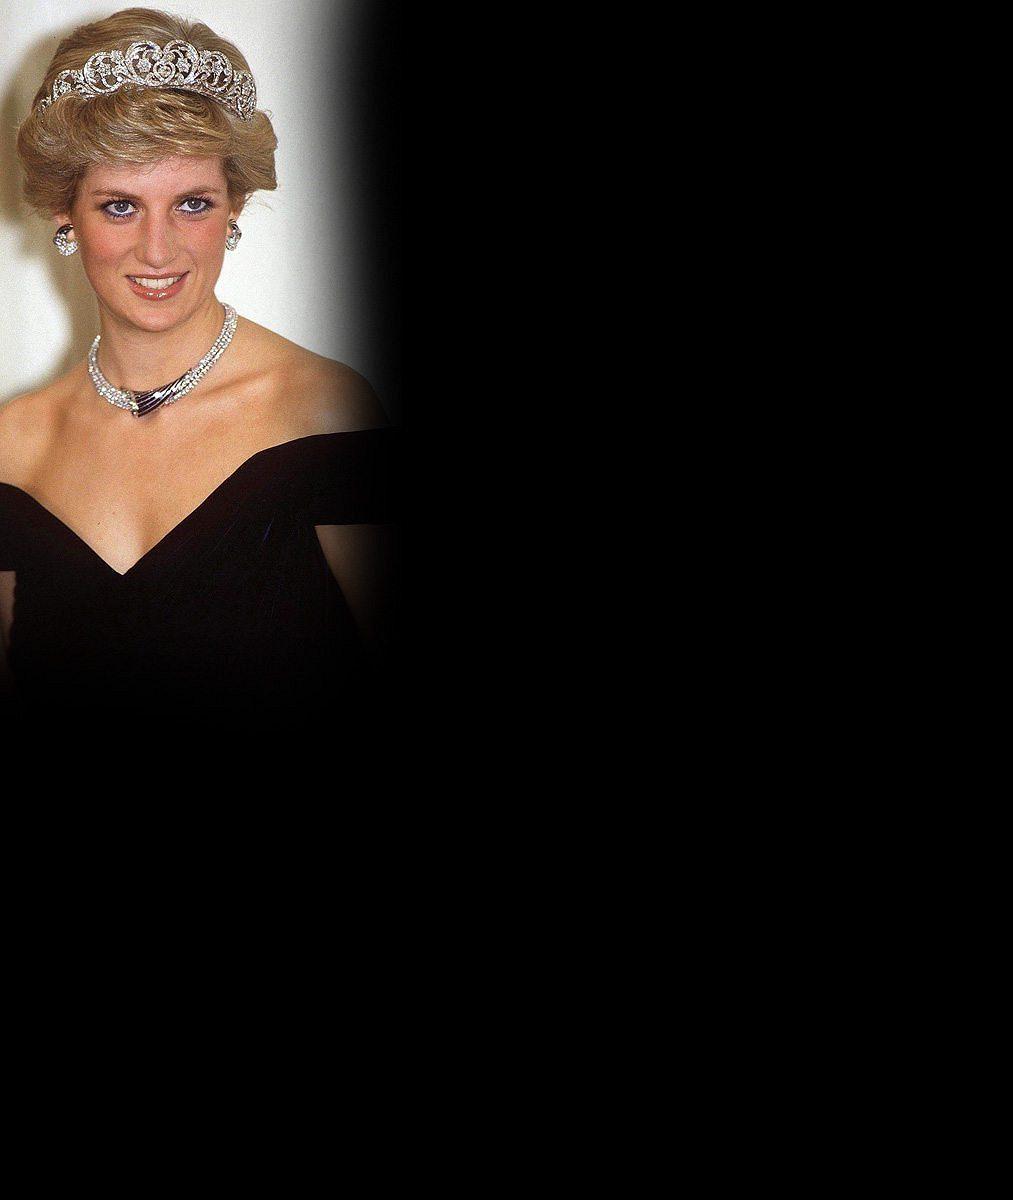 Sedm krásných úsměvů princezny Diany (✝36), jimiž si získala celou planetu. Zemřela před 20 lety